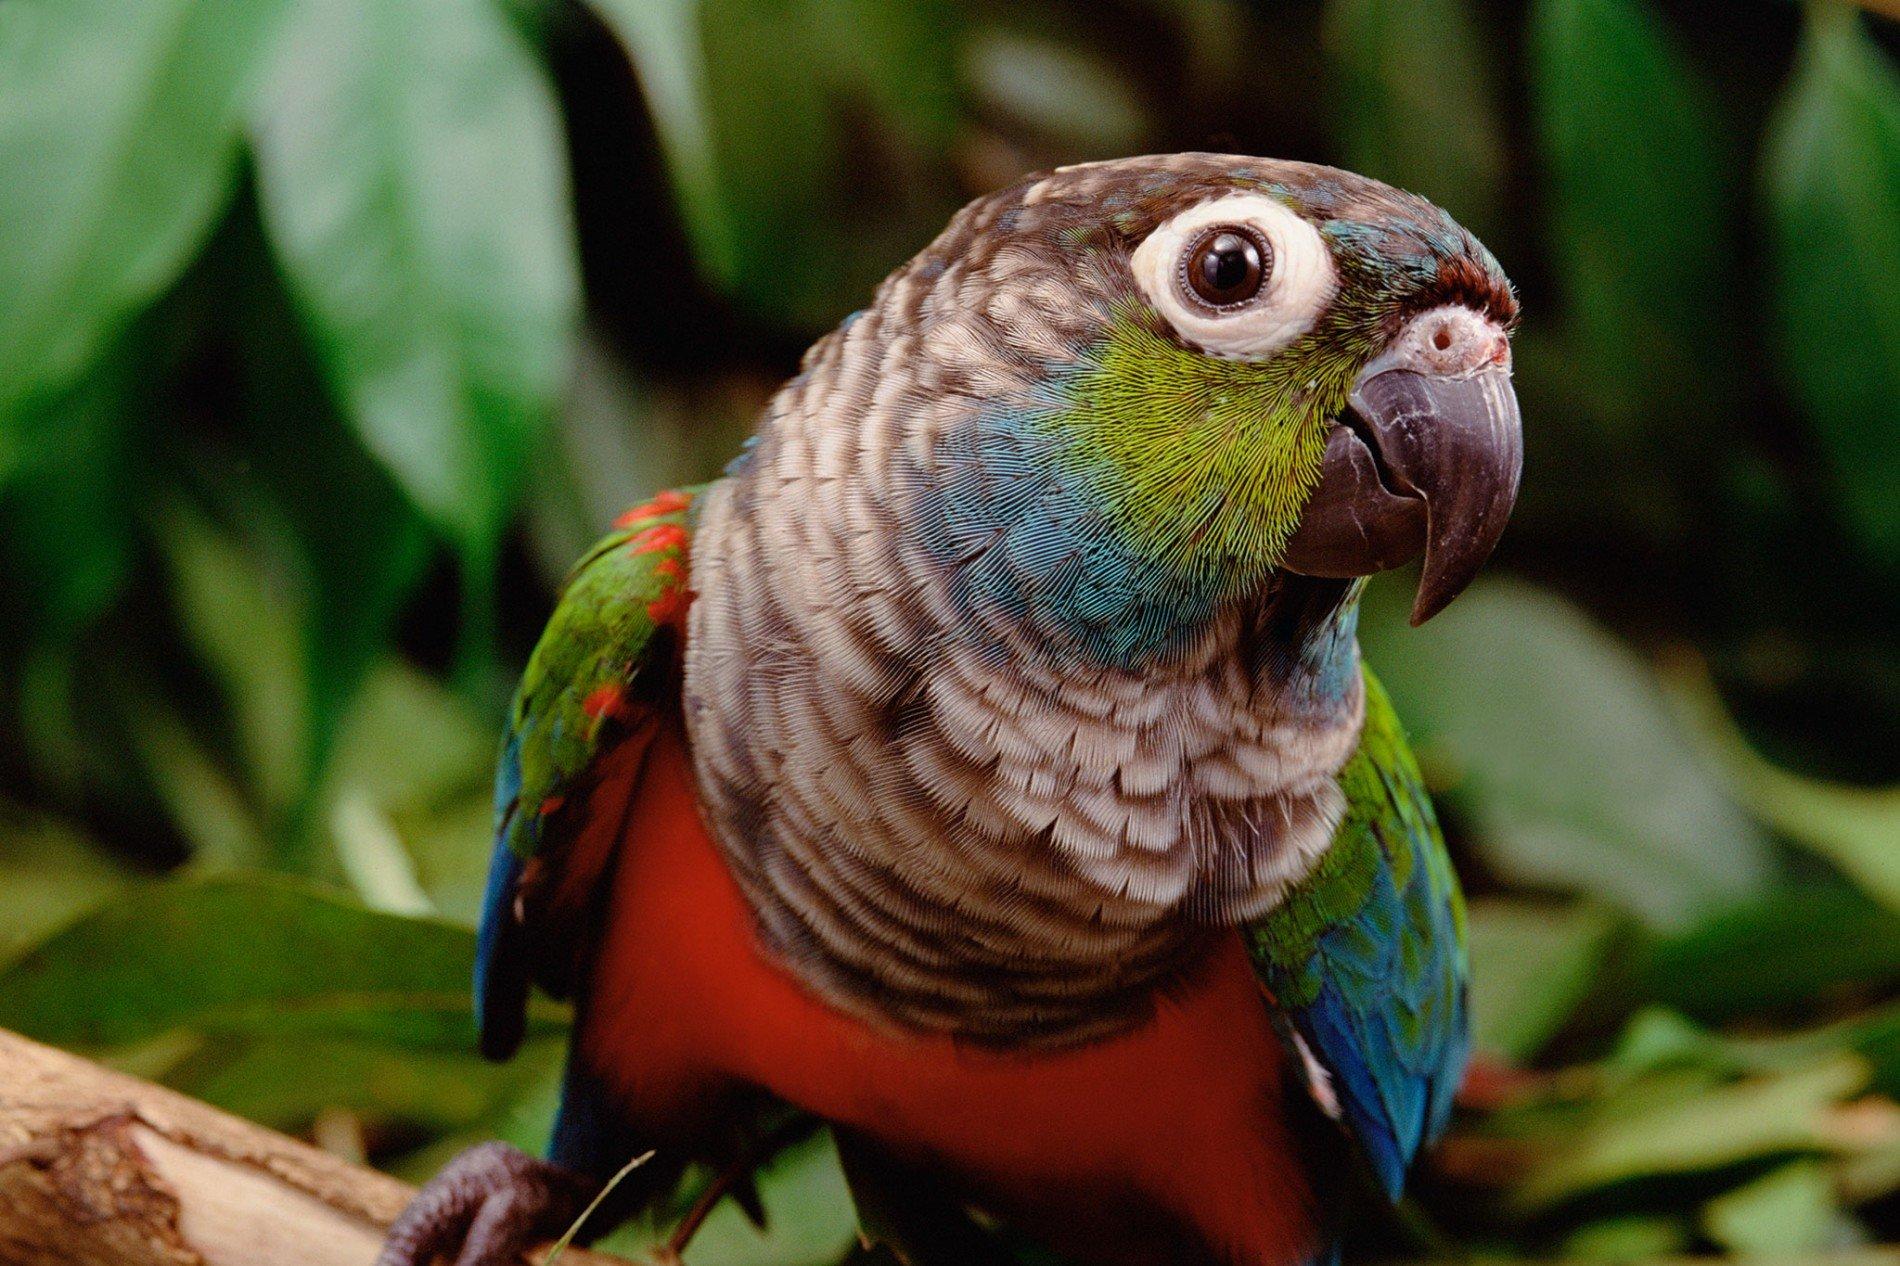 A tiriba-de-barriga-vermelha é uma entre as 1,5 mil espécies de aves encontradas na Floresta Amazônica. Com os incêndios se alastrando em uma escala sem precedentes, as implicações para a vida selvagem podem ser graves. FOTO DE CLAUS MEYER, MINDEN PICTURES/NAT GEO IMAGE COLLECTION